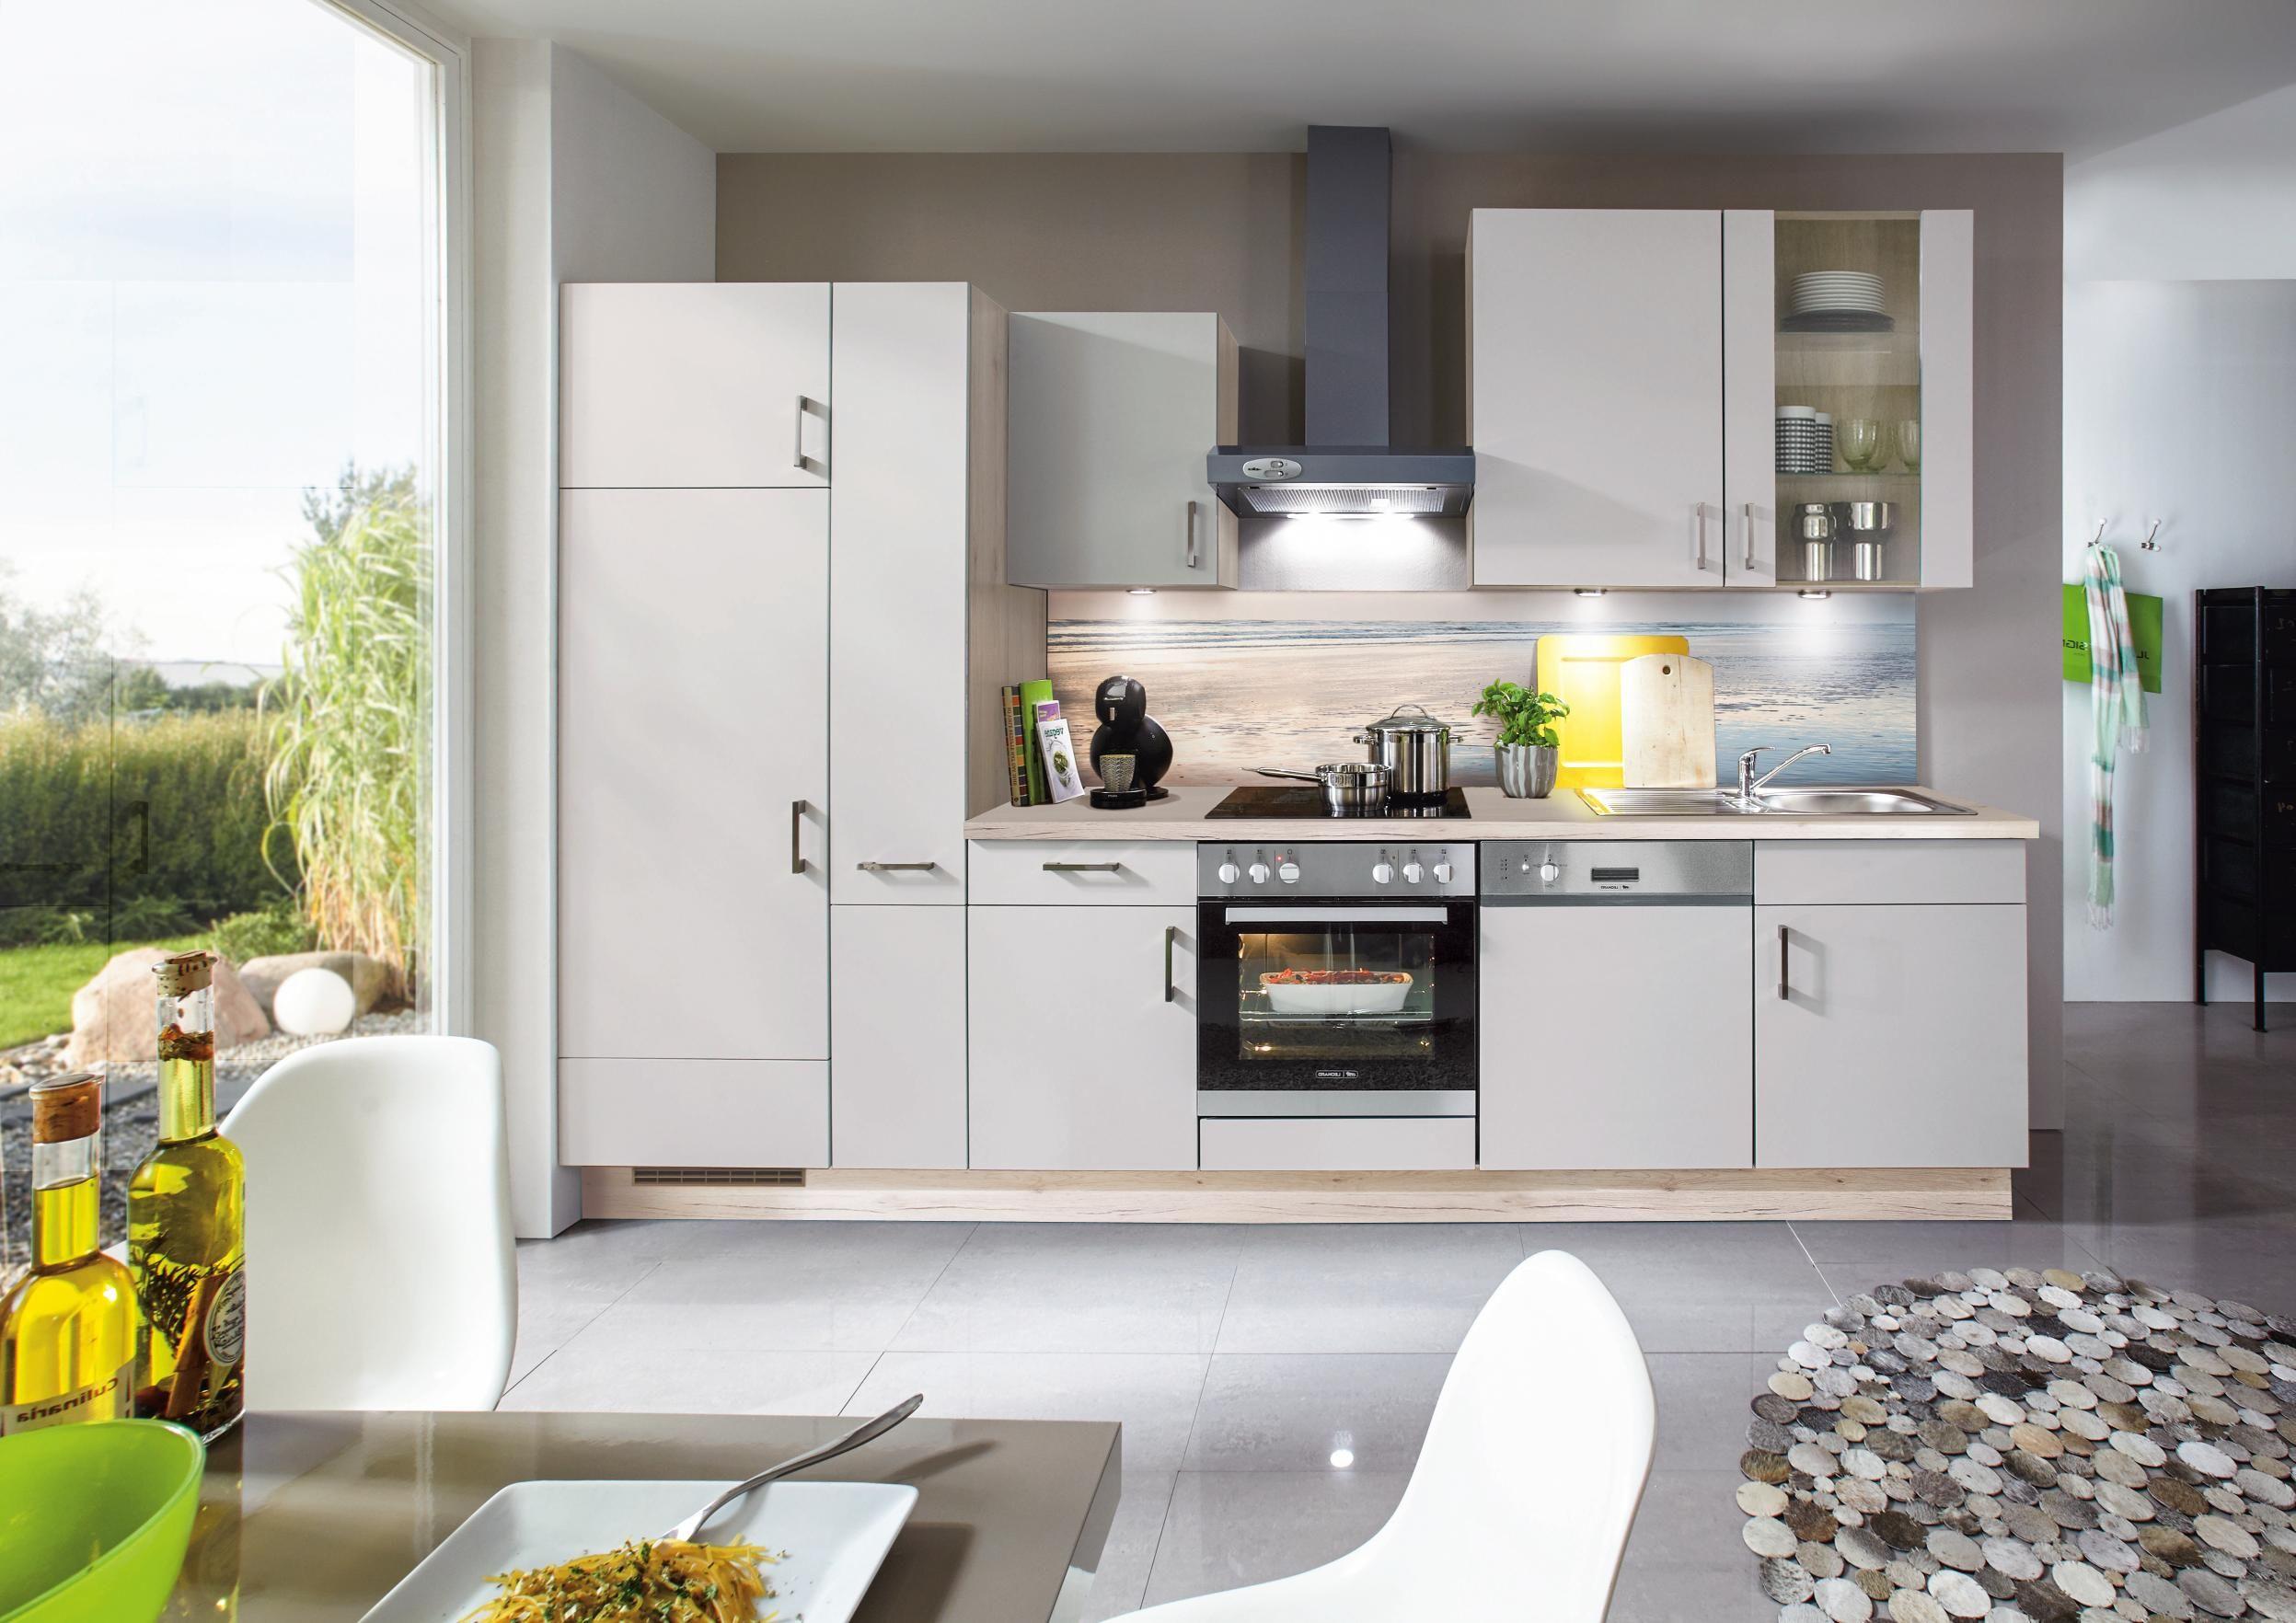 Küchenblock von CELINA ein Traum wird wahr Küche block